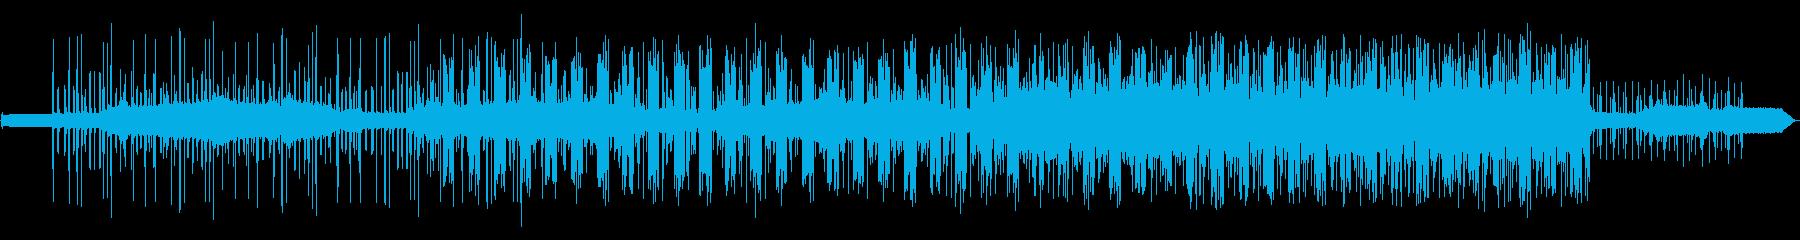 ノイズダークミニマルテクノの再生済みの波形